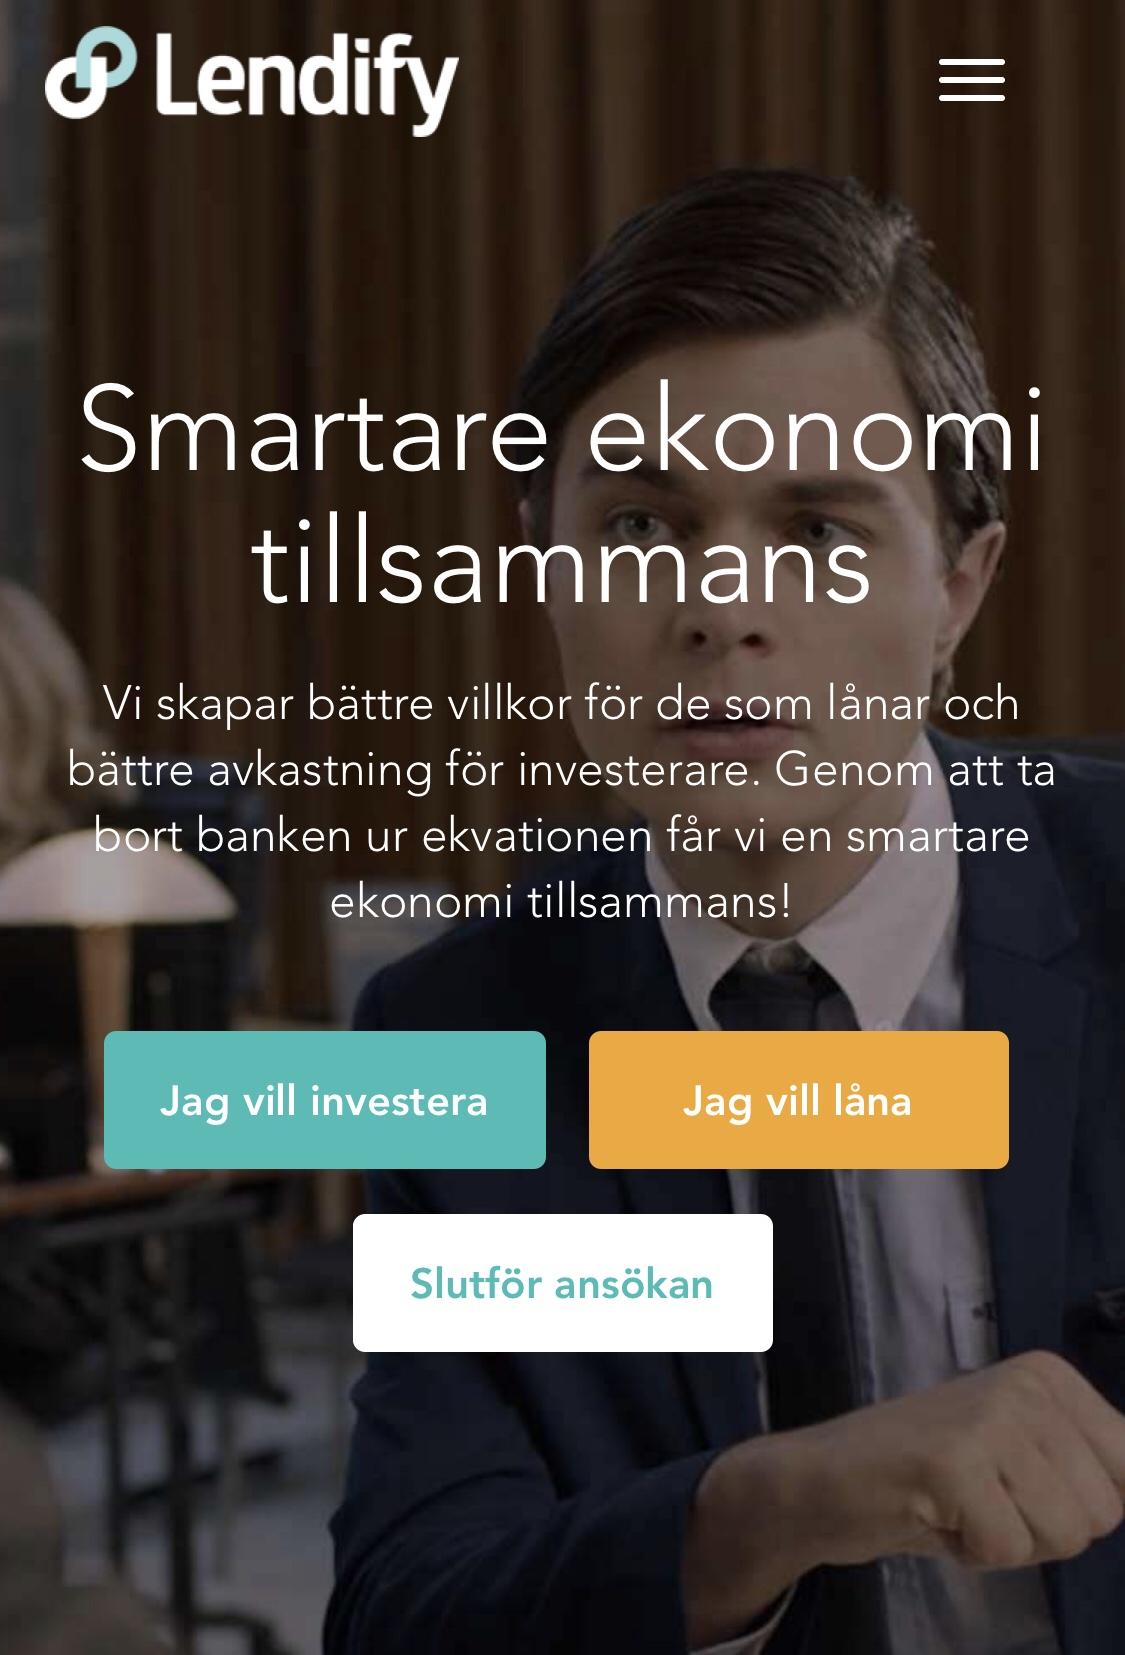 Lendify kopplar ihop investerare och låntagare